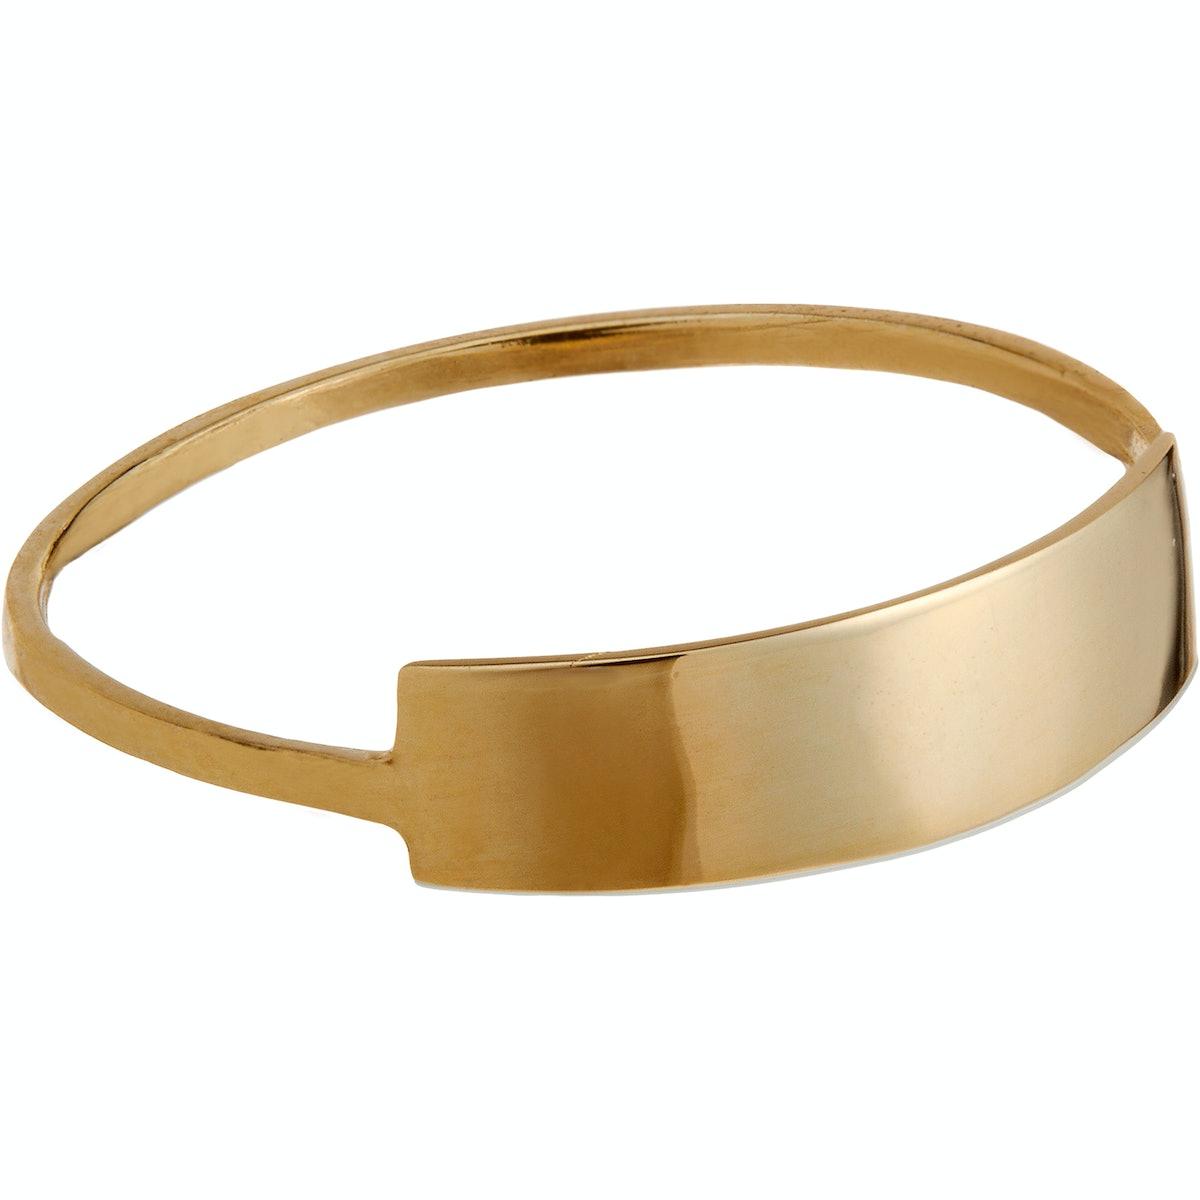 Loren Stewart ring